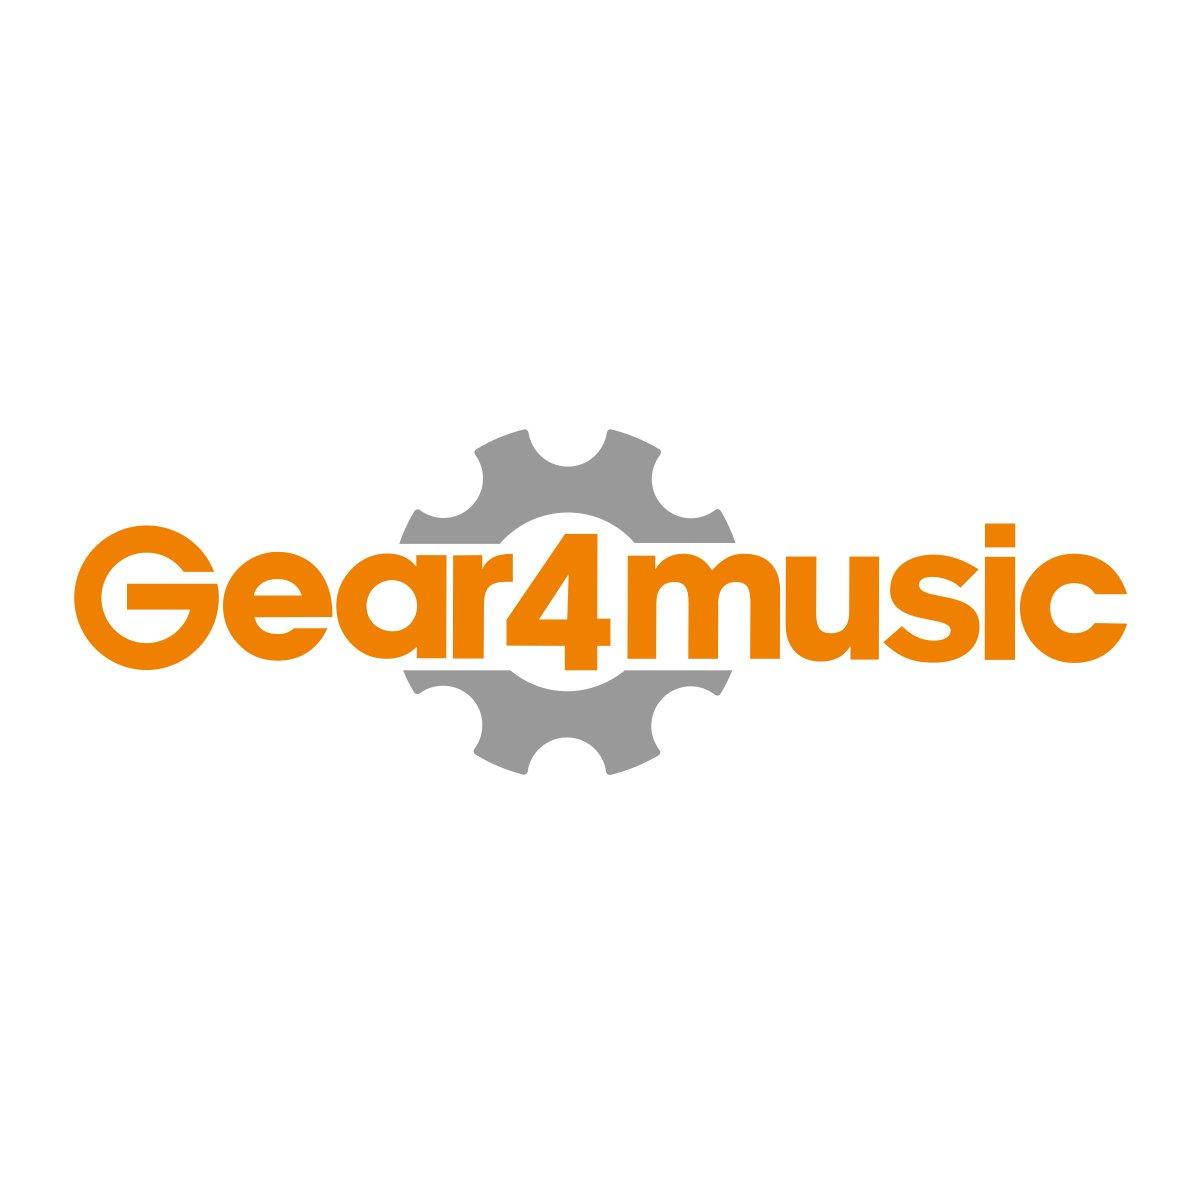 Heavy Duty Kick Drum Pedal by Gear4music